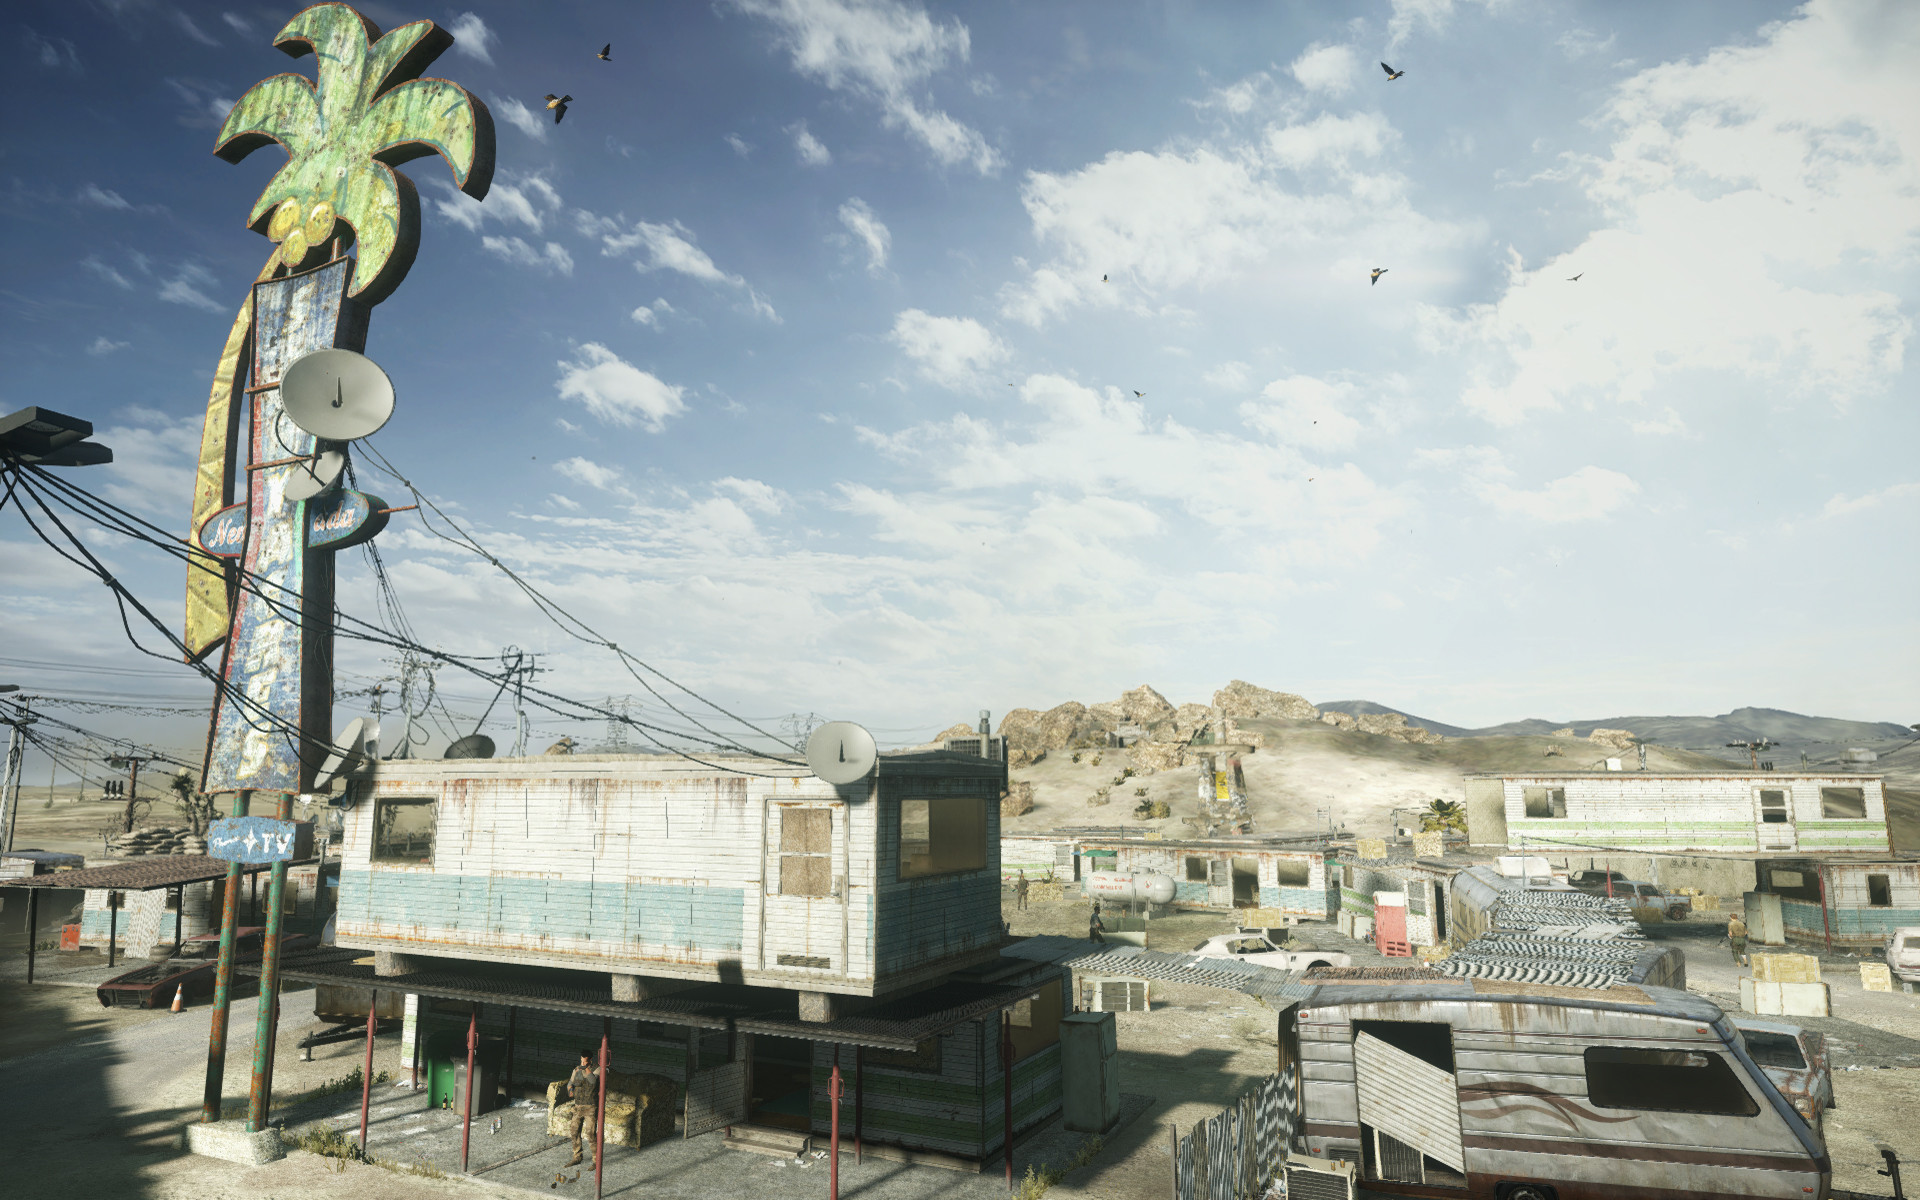 Cordell felix singleplayer desert 02